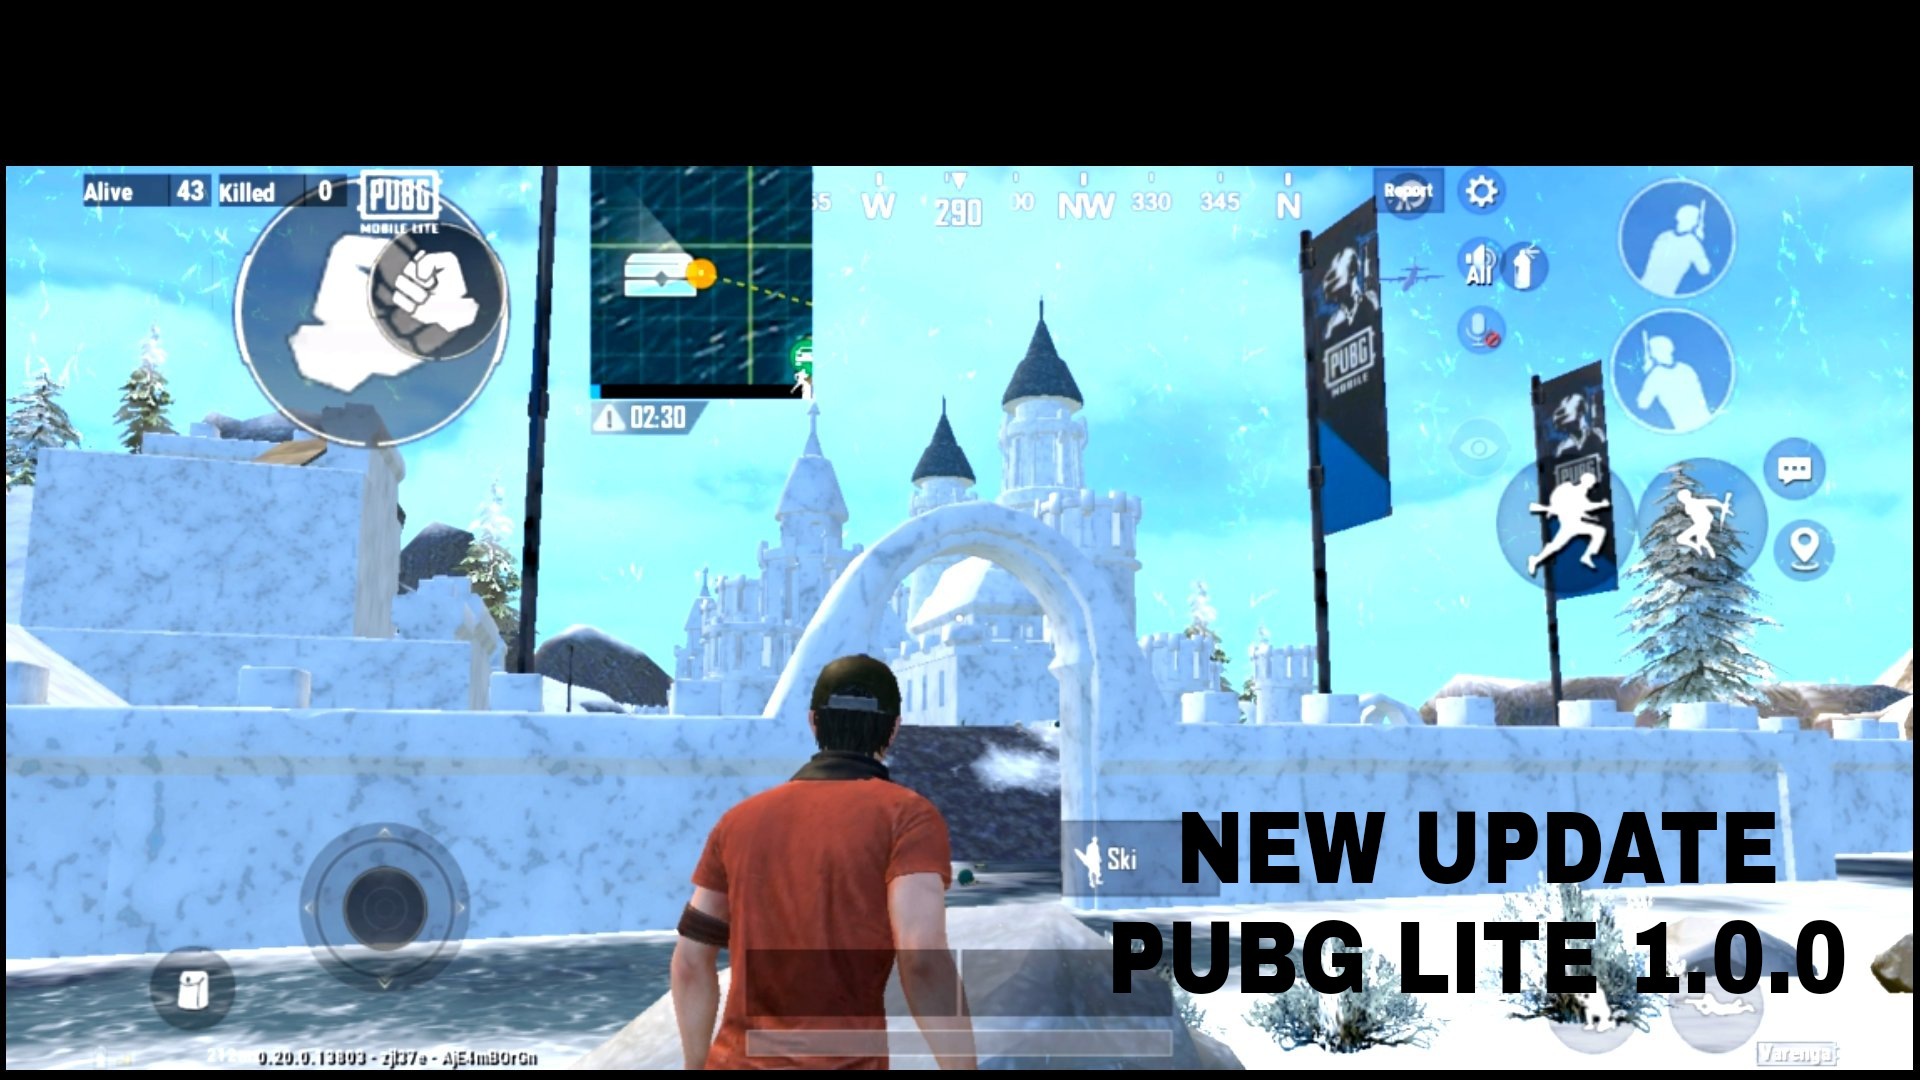 New update pubg lite 1.0.0